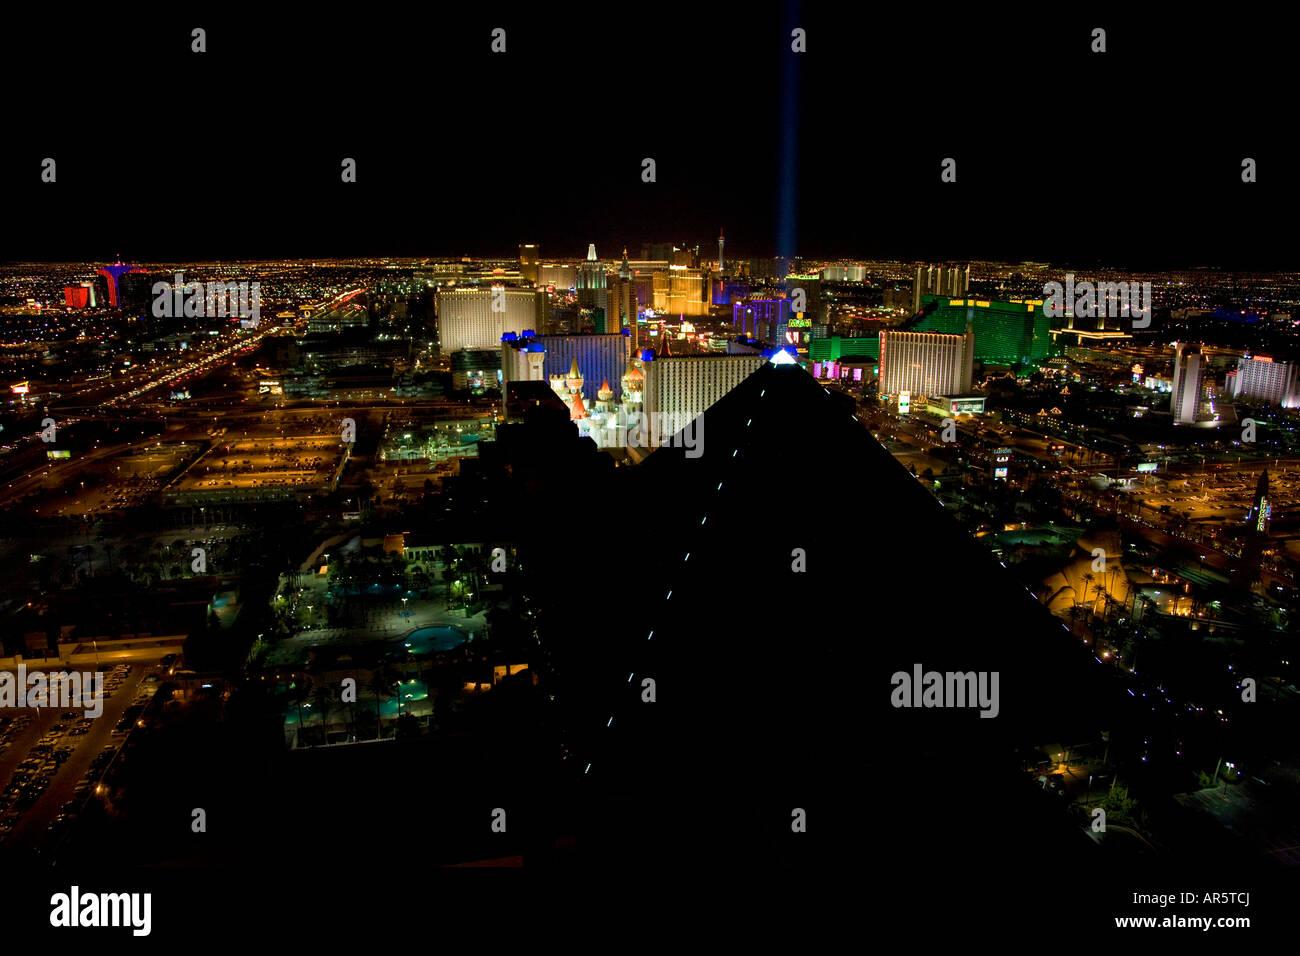 Las Vegas Strip at night Las Vegas Nevada - Stock Image